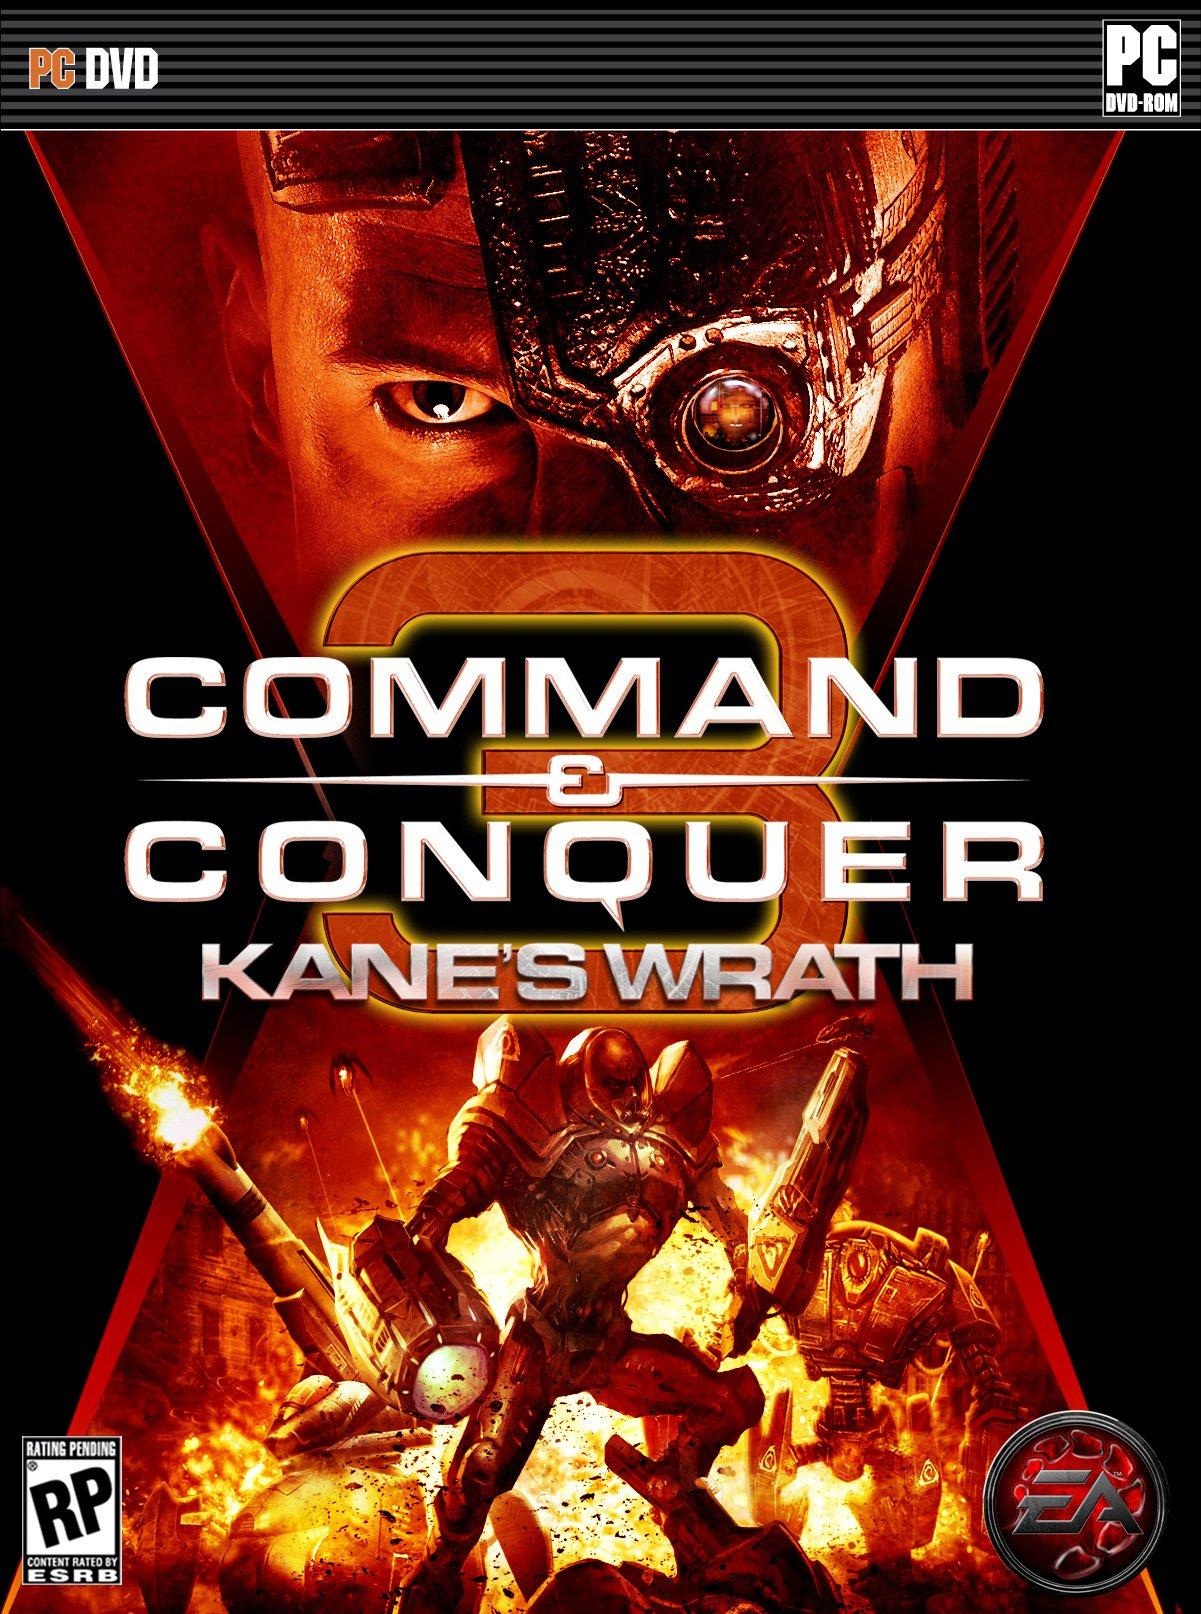 File:Cc3kw-win-cover.jpg